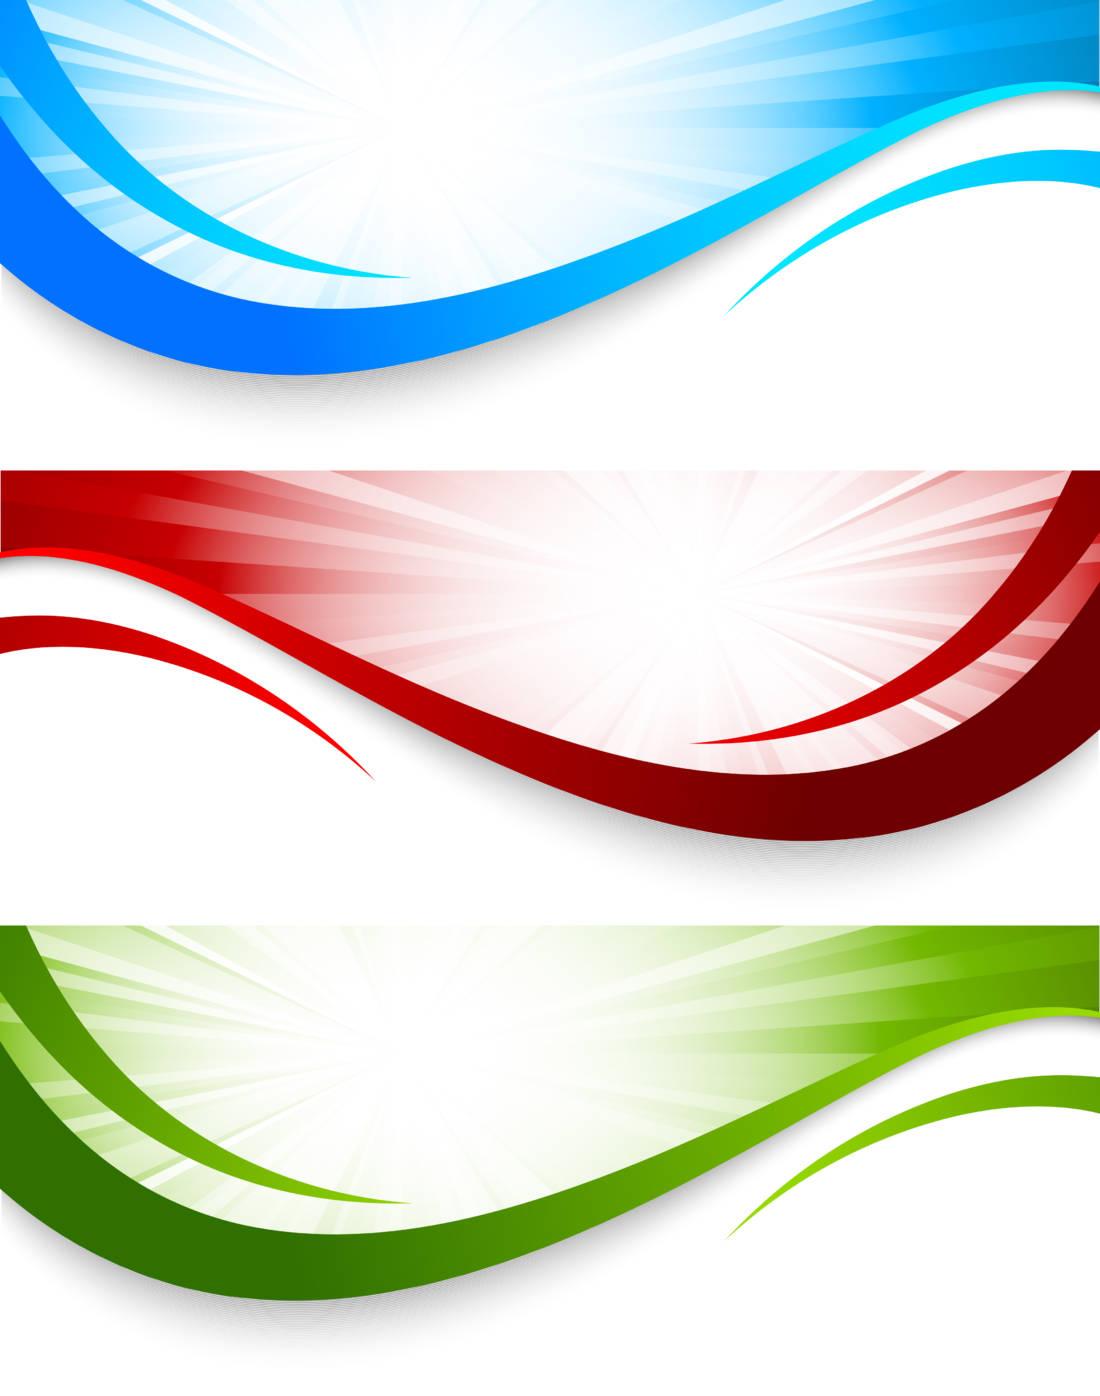 Banner background design clipart image transparent Vector Design Background Banner Png - Cliparts.co image transparent